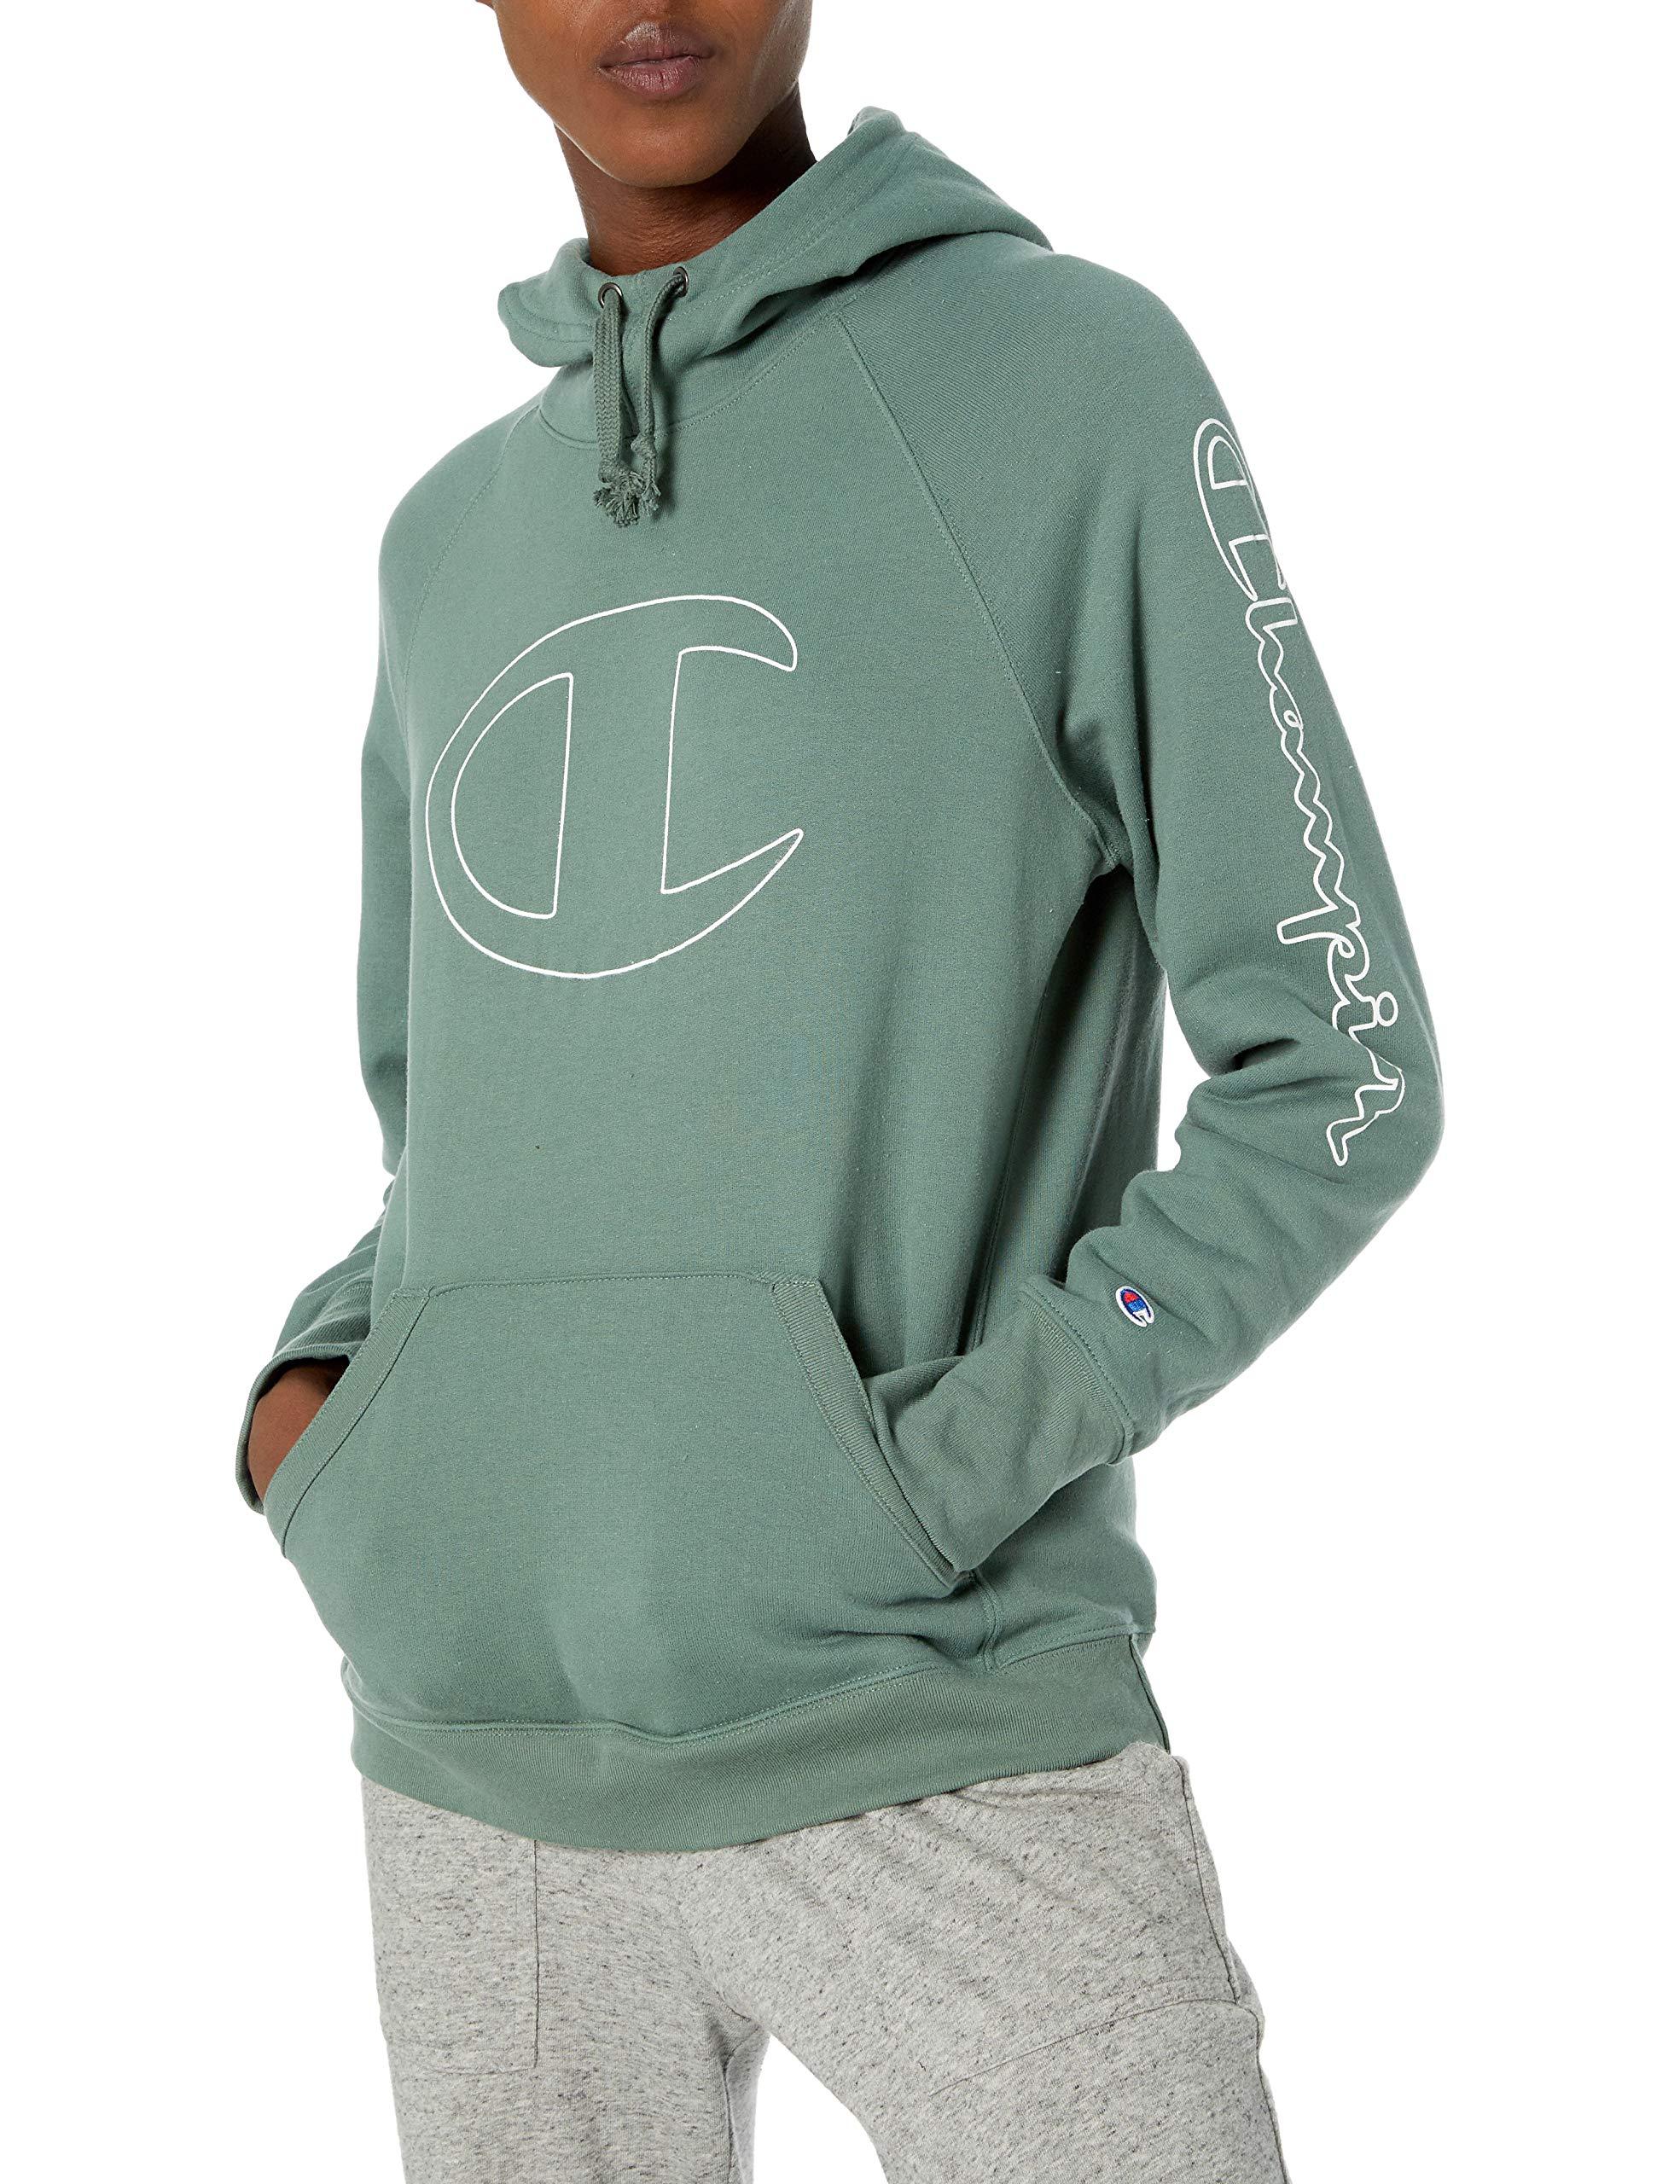 Champion Women's Fleece Pullover Hoodie, Nurture Green, Large by Champion